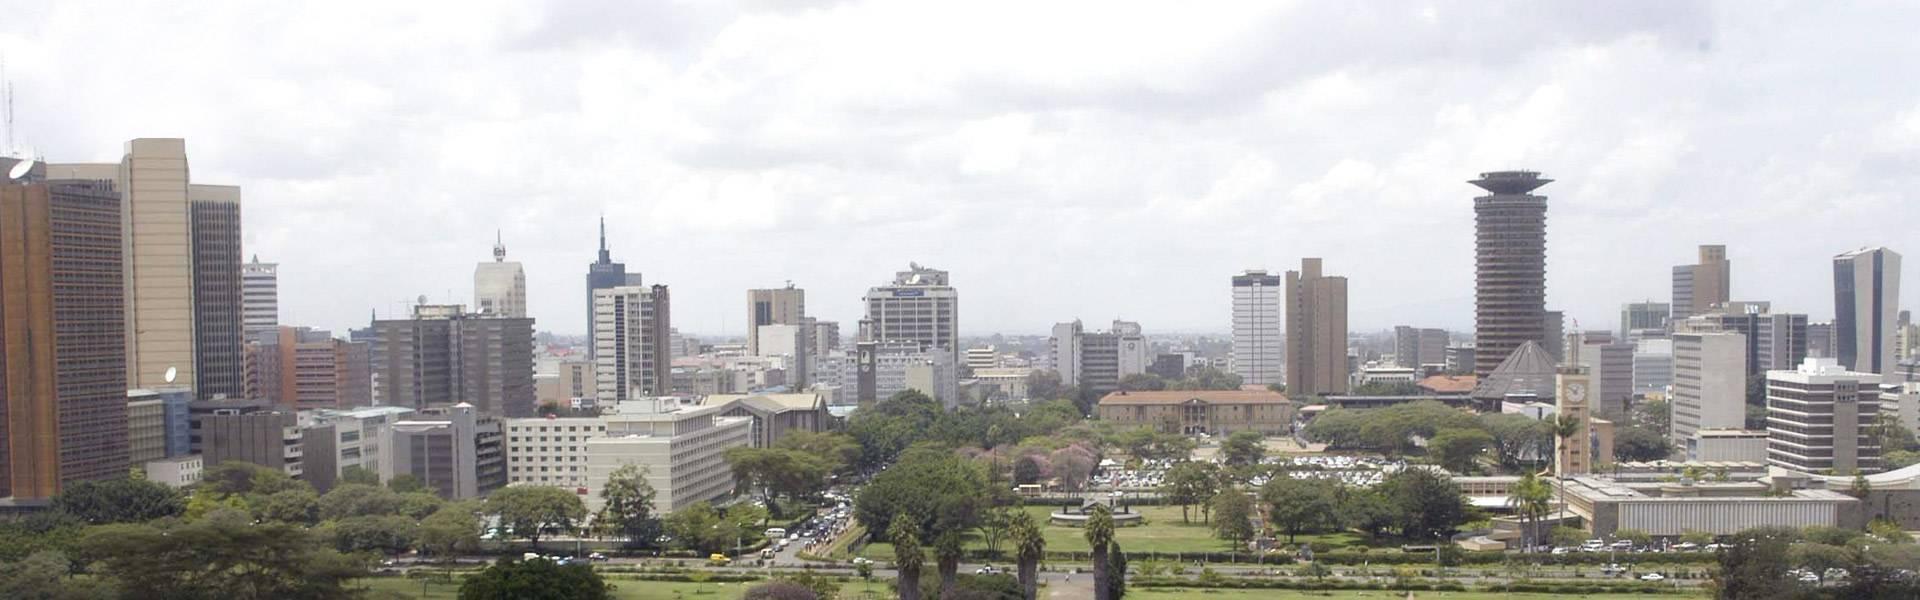 topo-quenia África